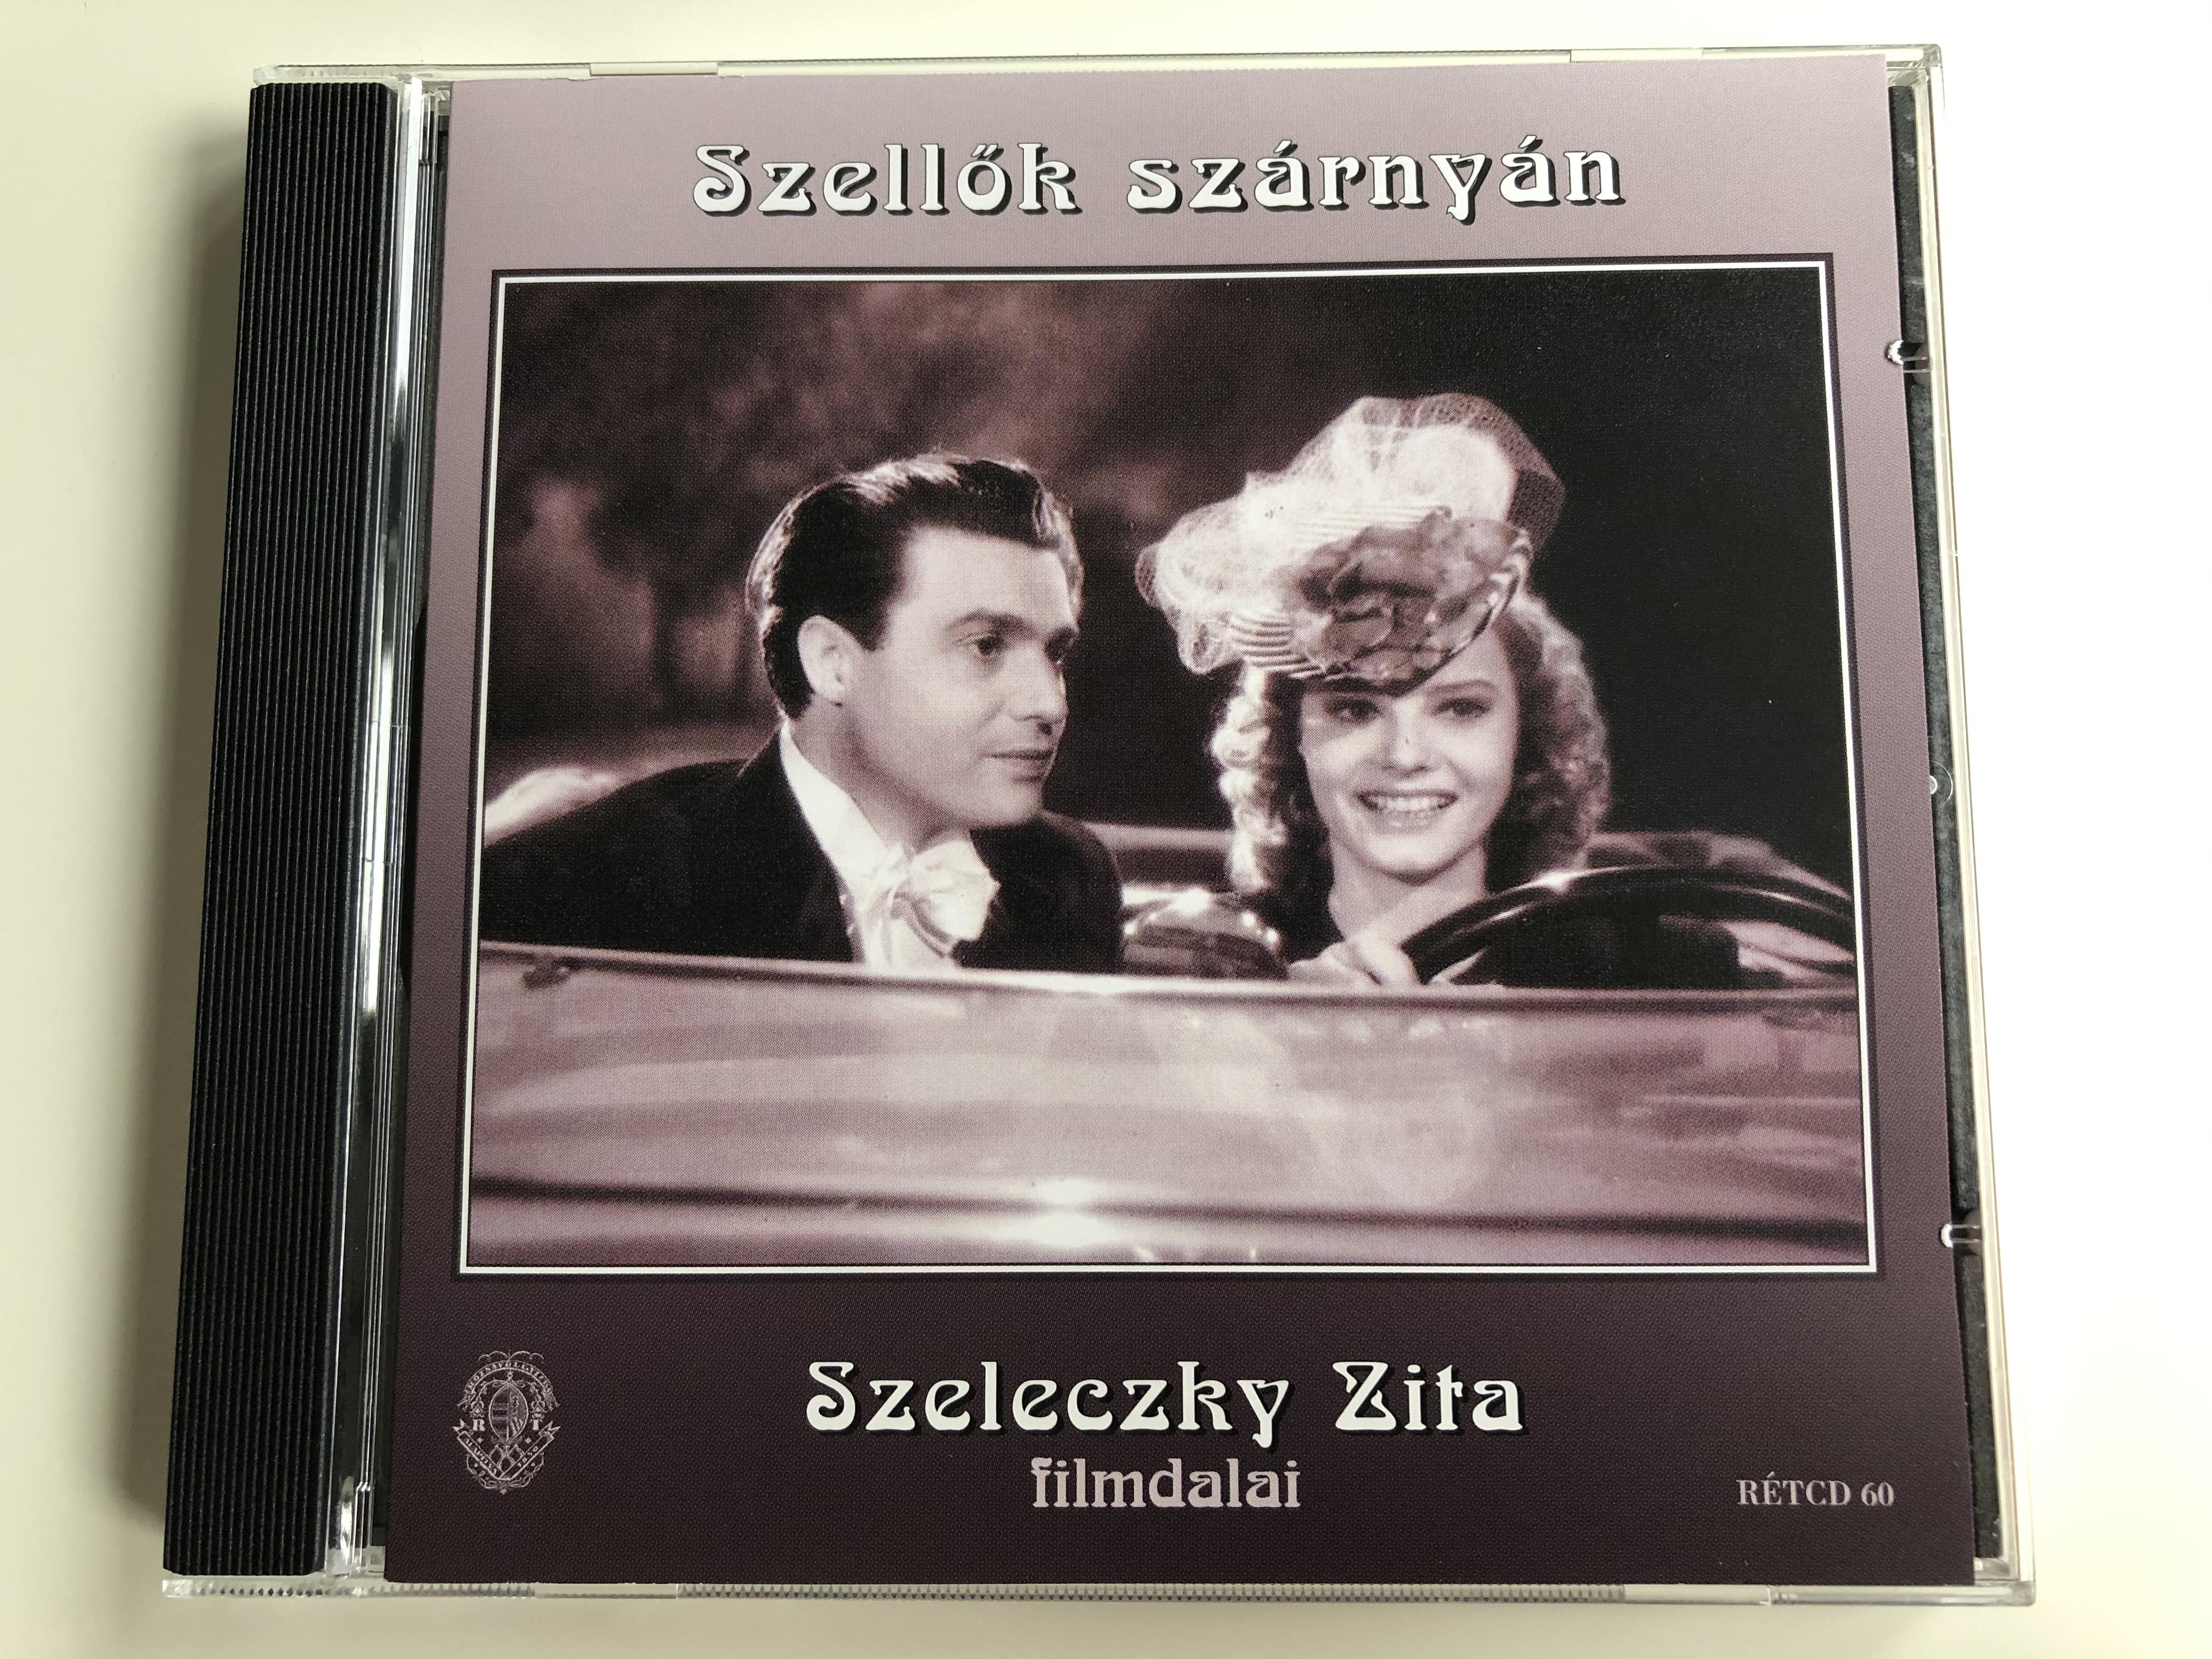 szellok-szarnyan-szeleczky-zita-filmdalai-r-zsav-lgyi-s-t-rsa-audio-cd-2009-mono-r-tcd-60-1-.jpg